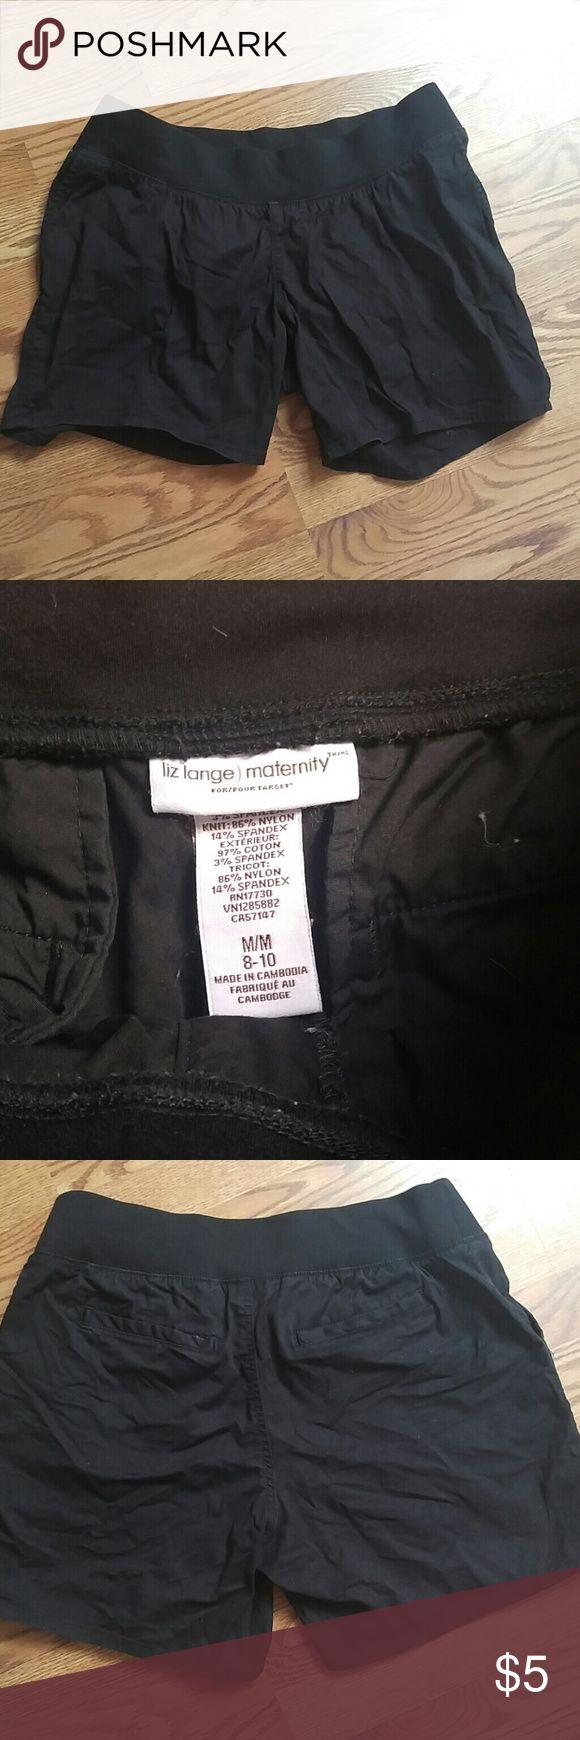 Maternity shorts Black maternity shorts Liz Lange Shorts